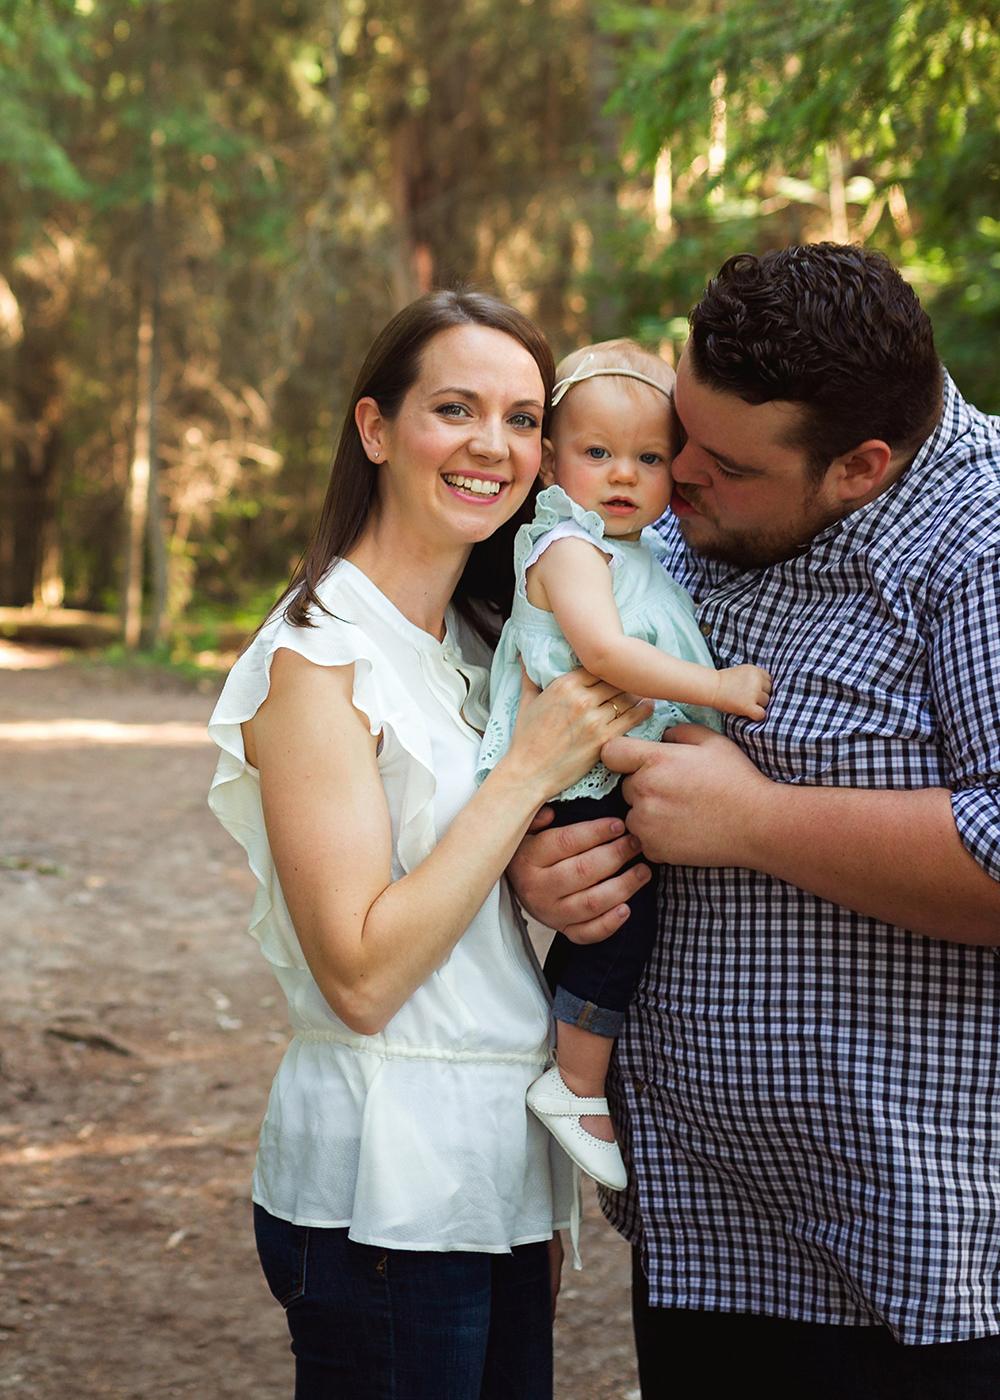 Edmonton Family Photographer_Stuart Family Sneak Peek 1.jpg